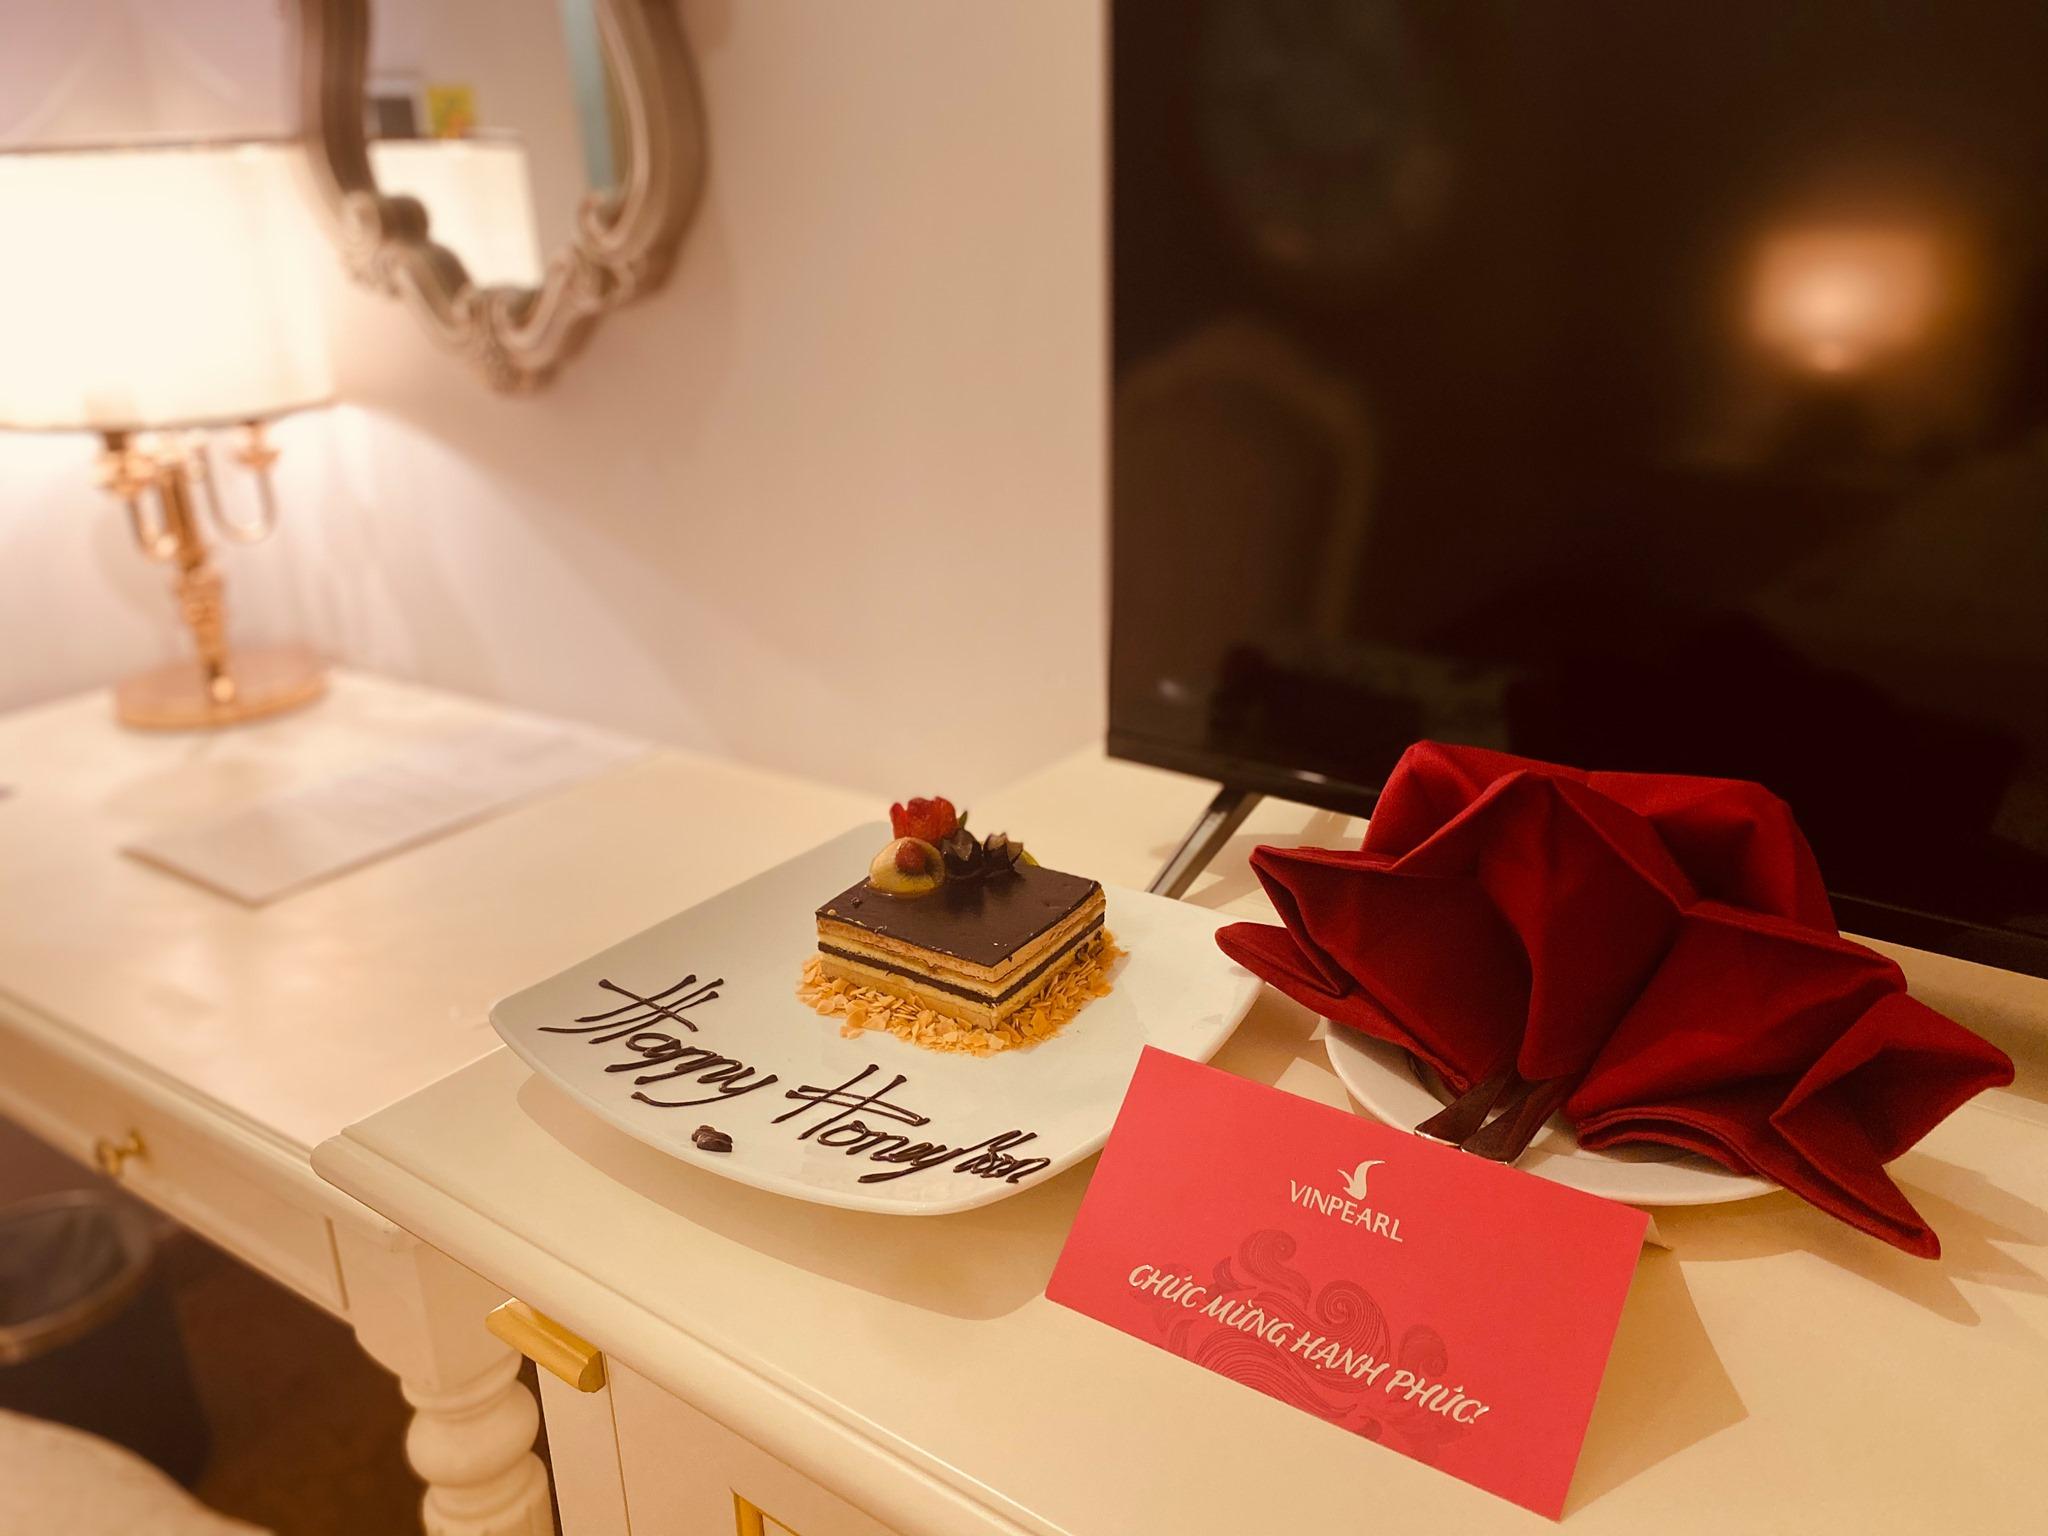 Cách đặt phòng tân hôn ở khách sạn cho cặp đôi mới cưới - Ảnh 2.